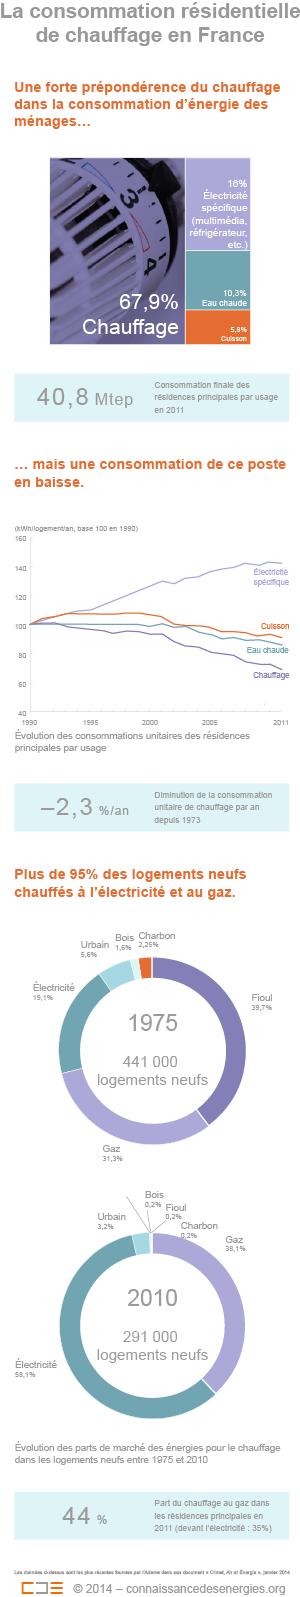 Les ménages français dépensent en moyenne 1087 euros par an pour se chauffer selon un sondage de l'Ifop réalisé en octobre 2013. (©Connaissance des Énergies)